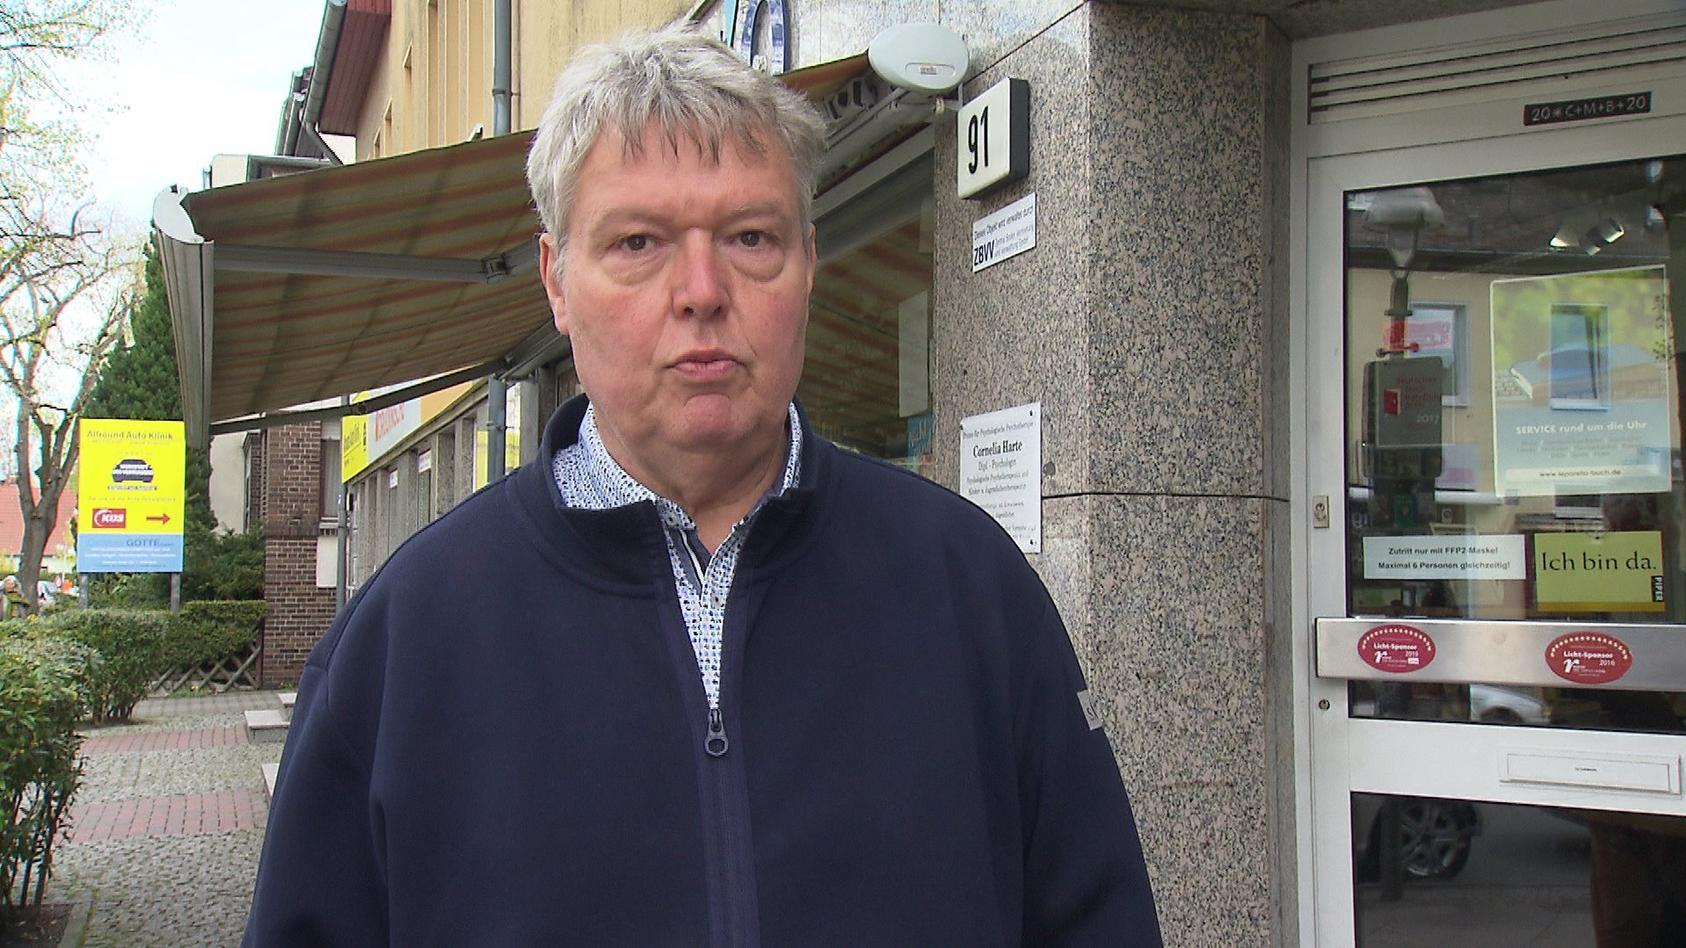 Buchhändler Heinz Ostermann wurde mehrfach Opfer rechtsextremer Gewalt